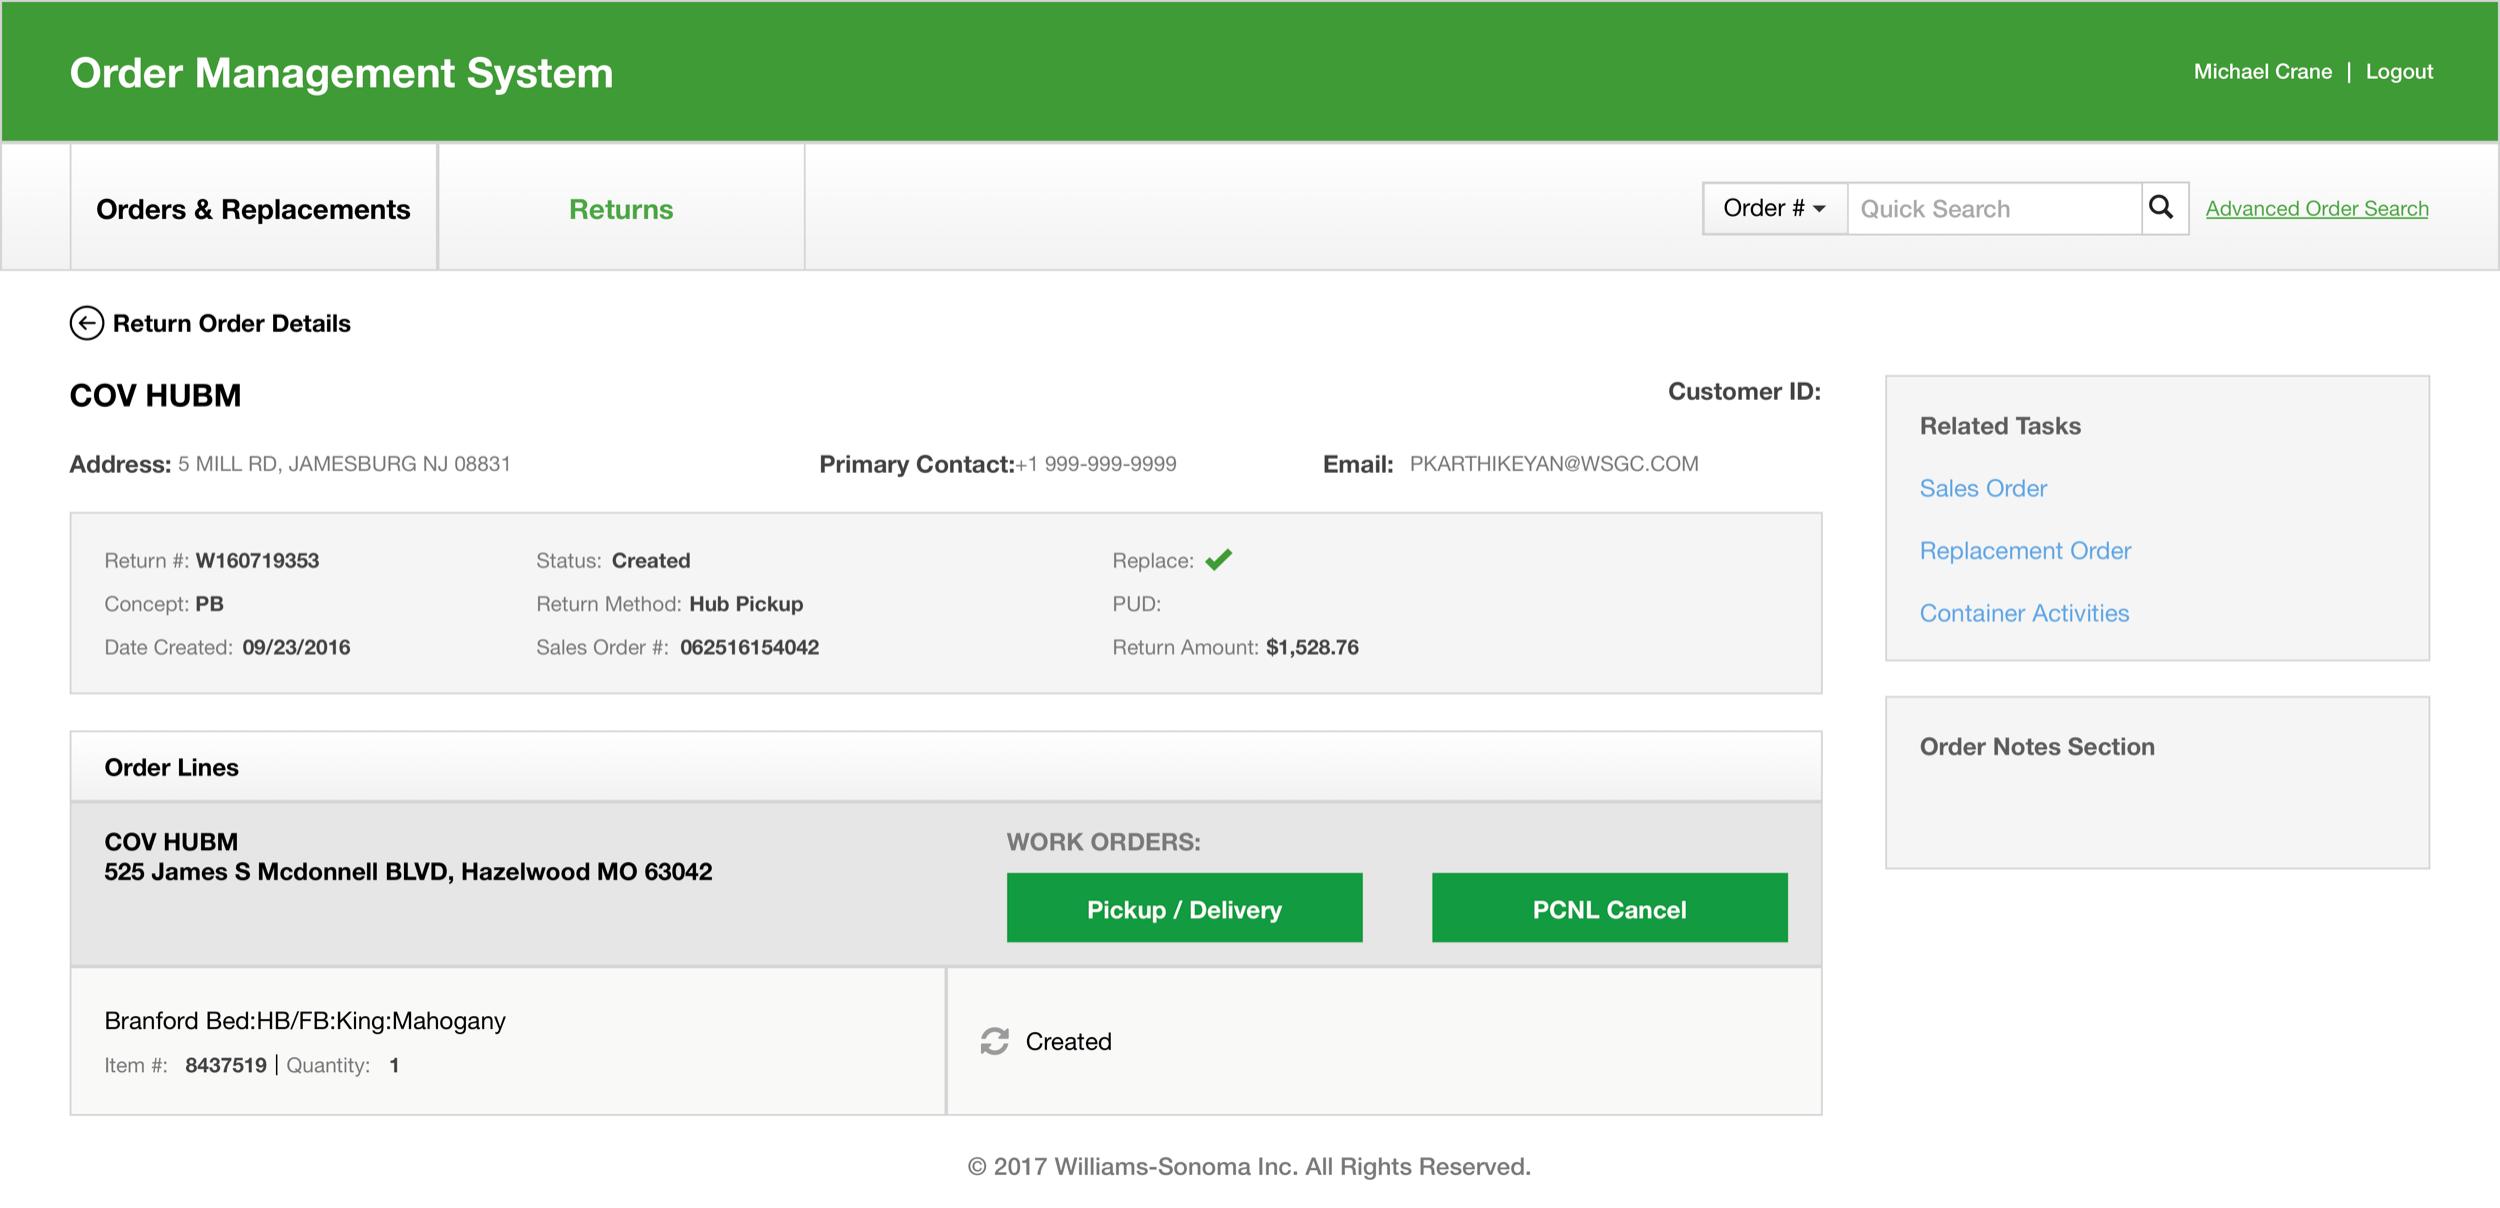 03_Return Order Details.png